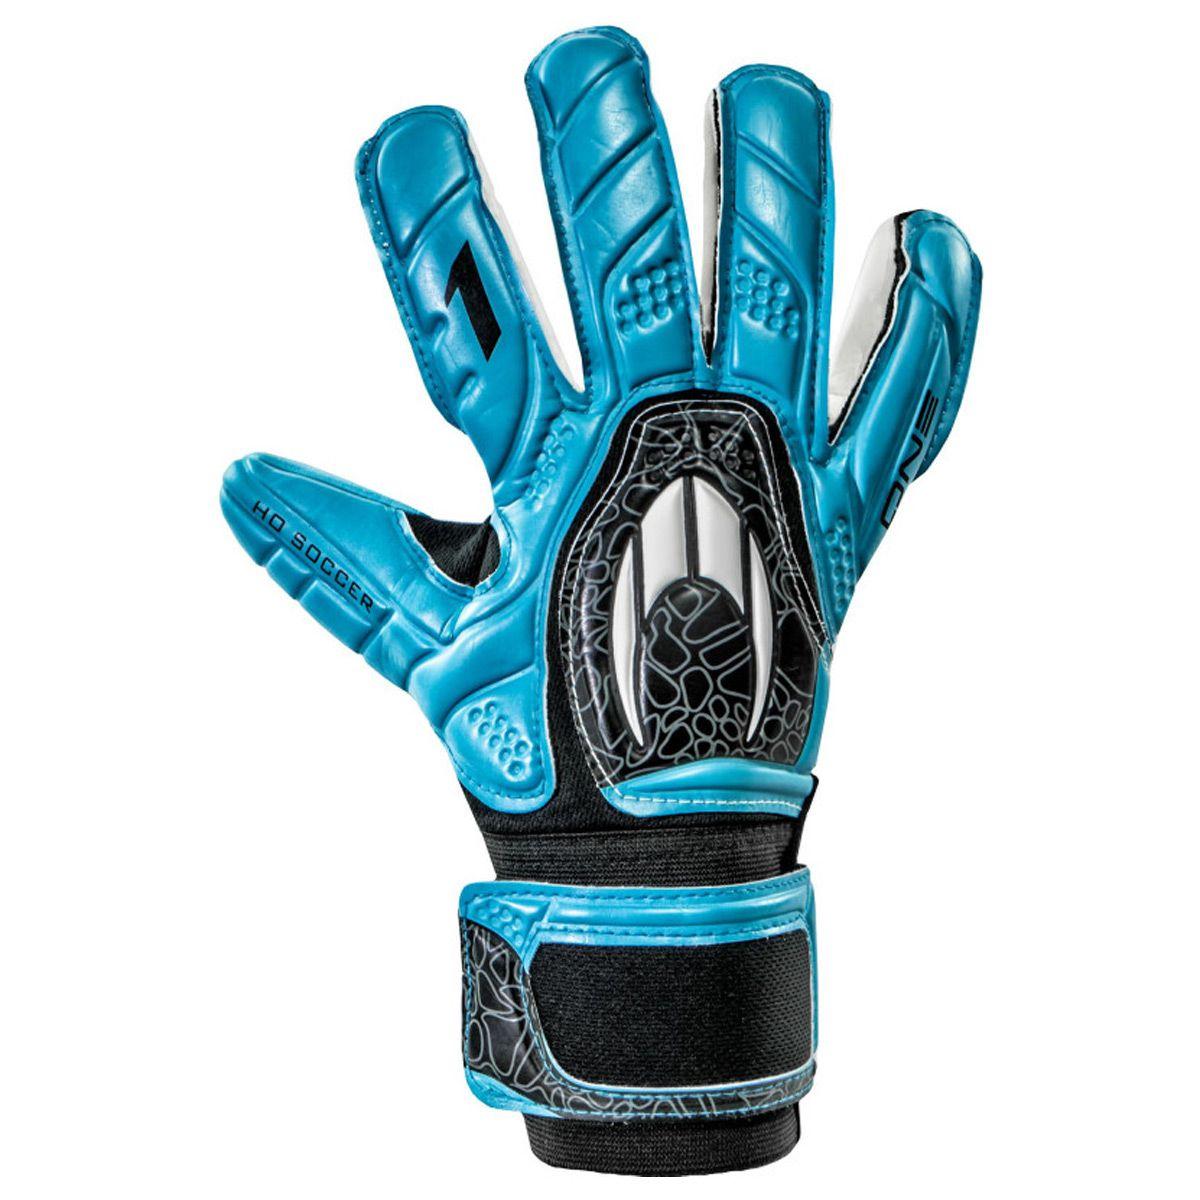 Luva Goleiro HO Soccer One Negative Blue 9138